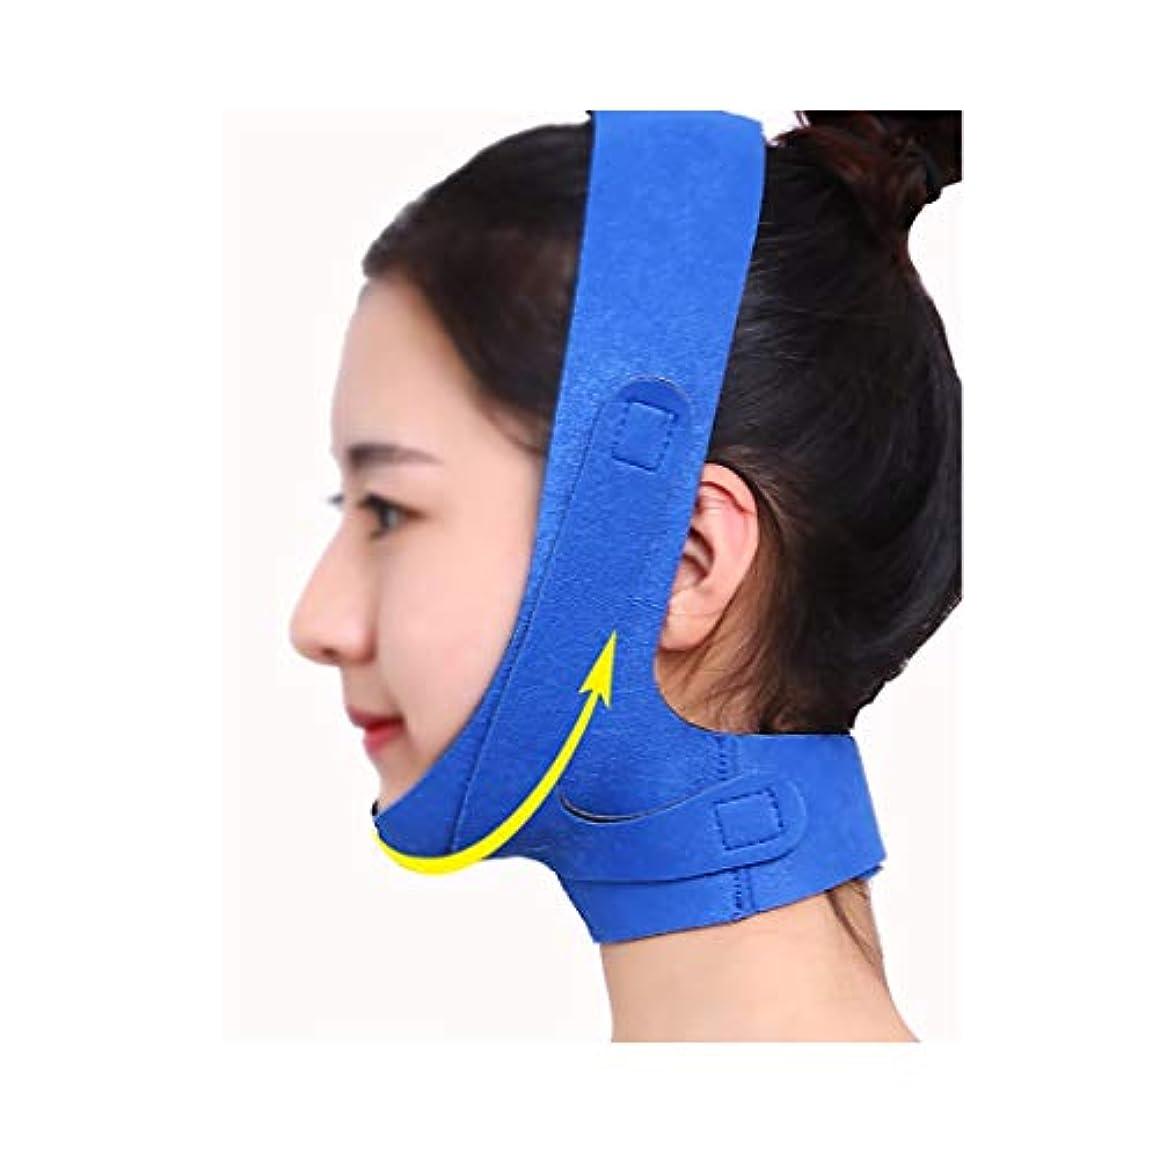 急いで次クリップ蝶フェイスリフトマスク、あごストラップ回復包帯睡眠薄いフェイス包帯薄いフェイスマスクフェイスリフトアーチファクトフェイスリフトで小さなV顔を強化する美容マスク包帯ブルーフェイスマスク